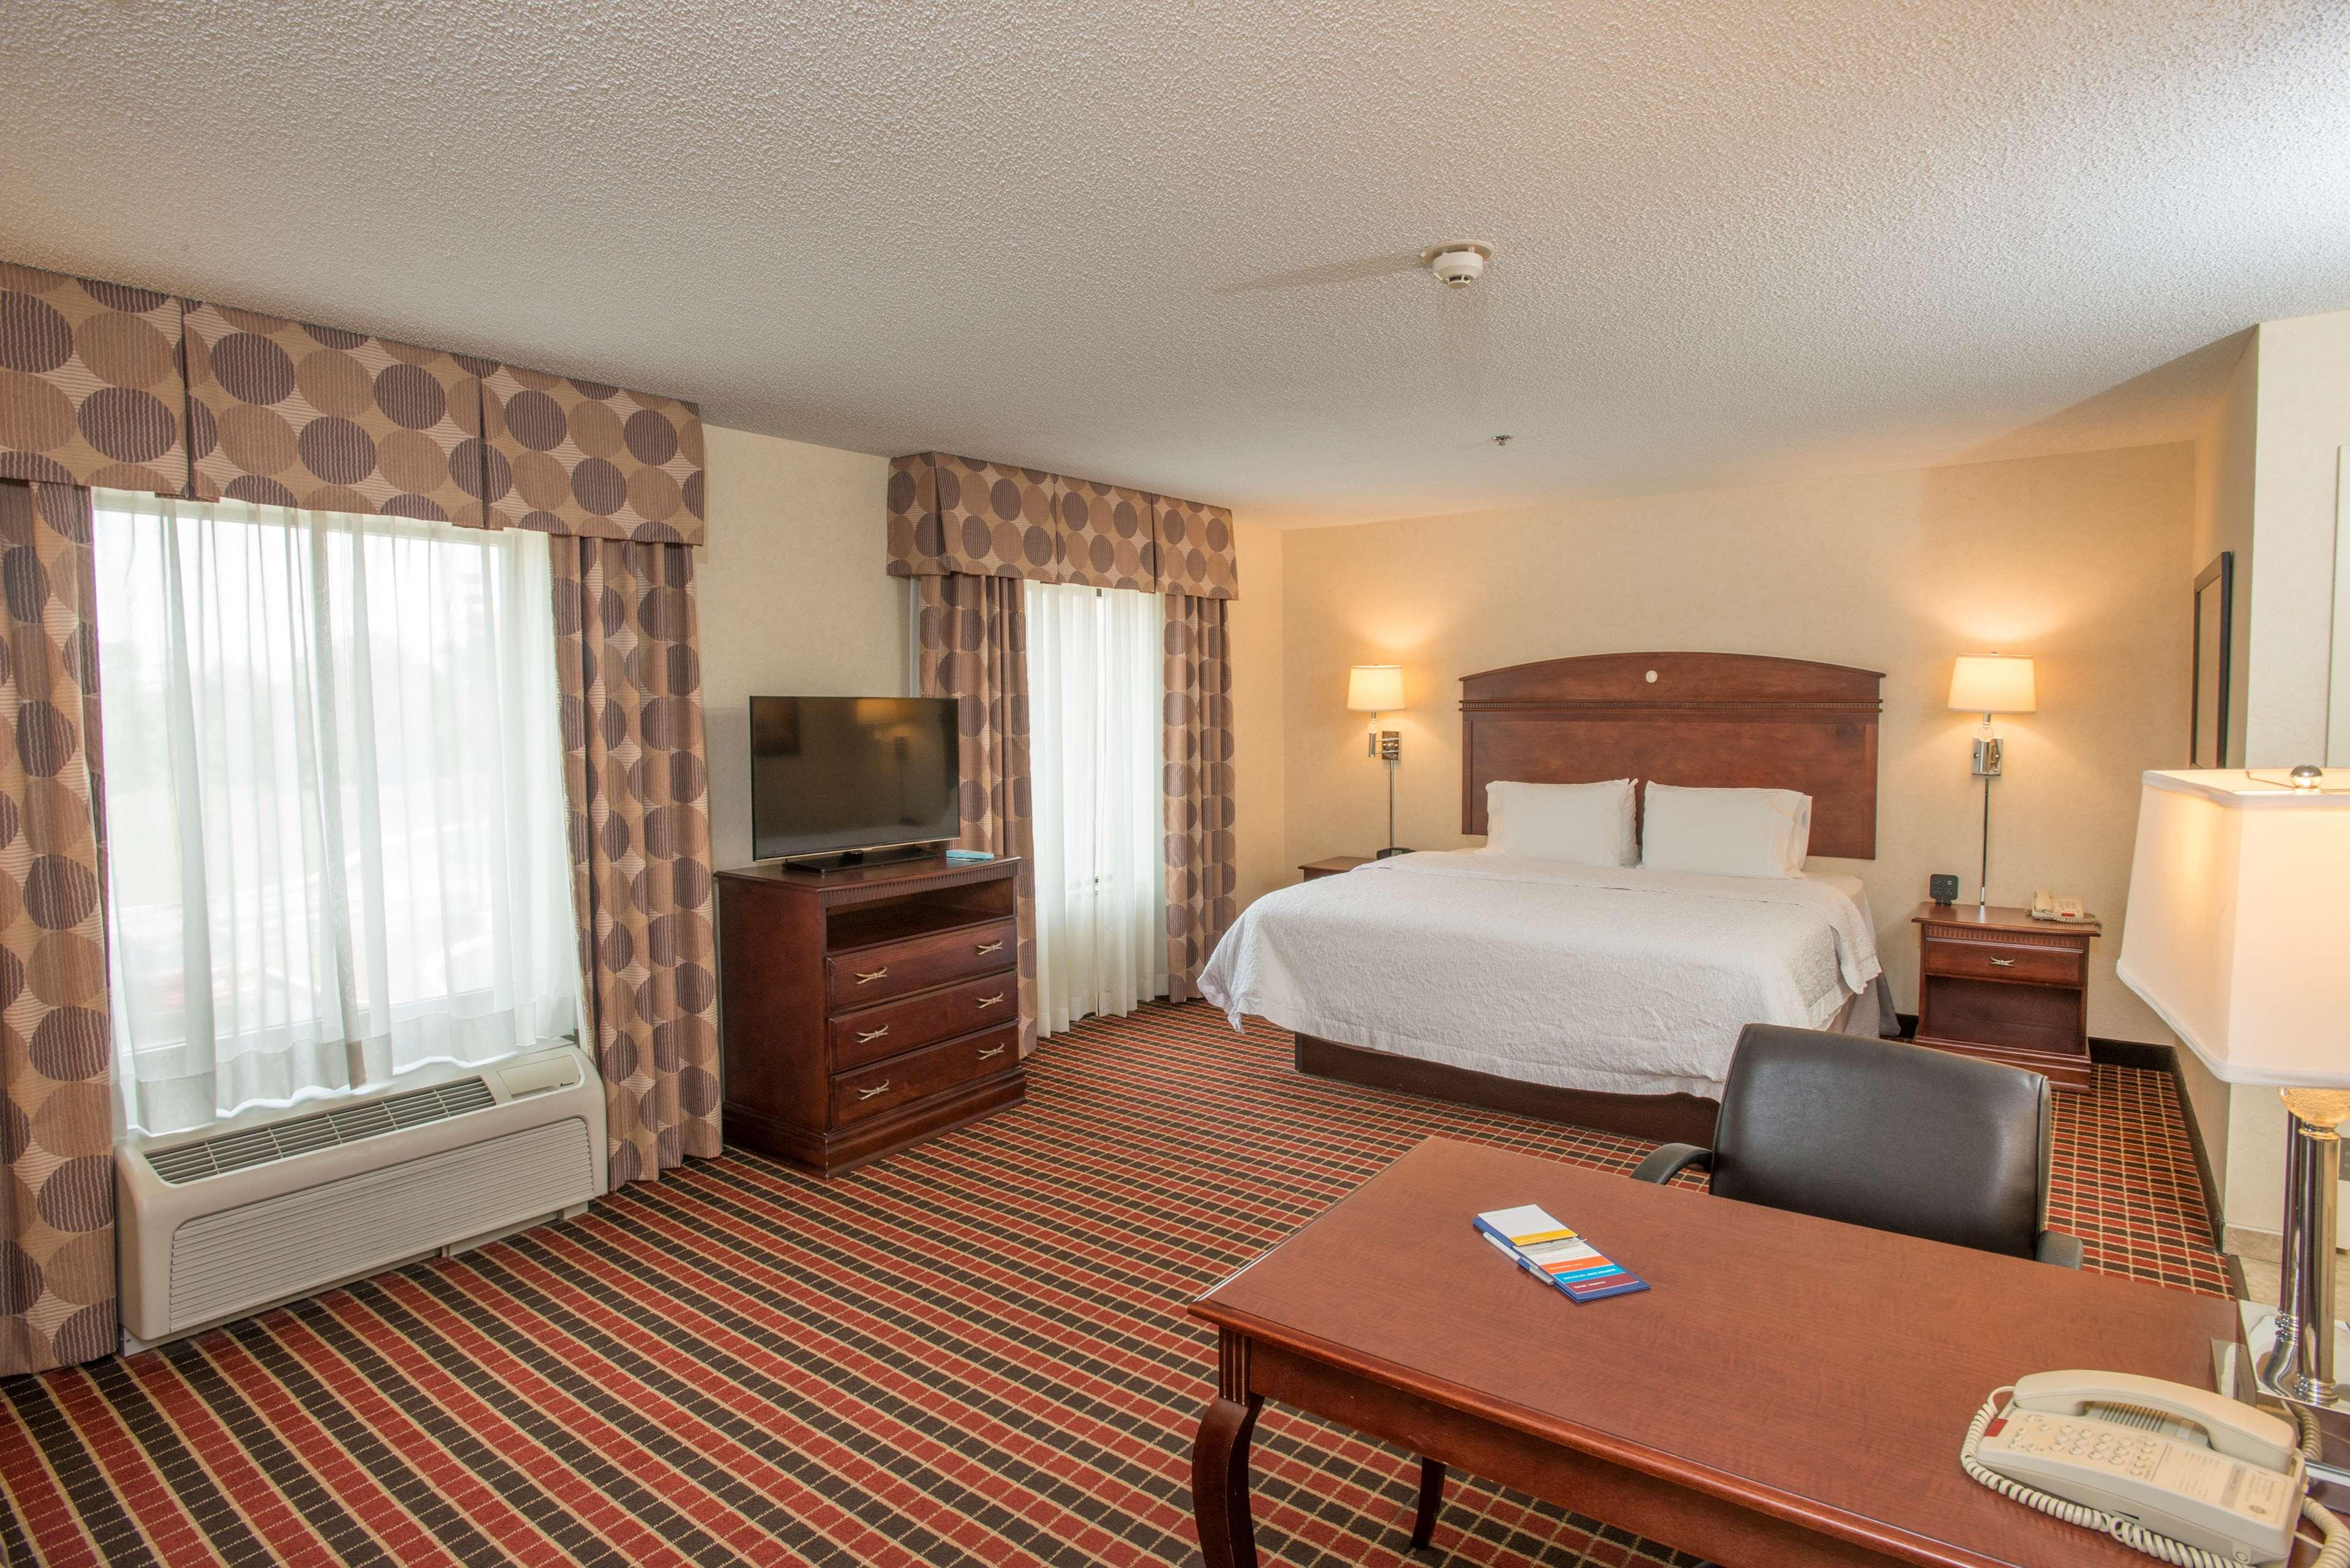 Hampton Inn & Suites Dayton-Airport image 23